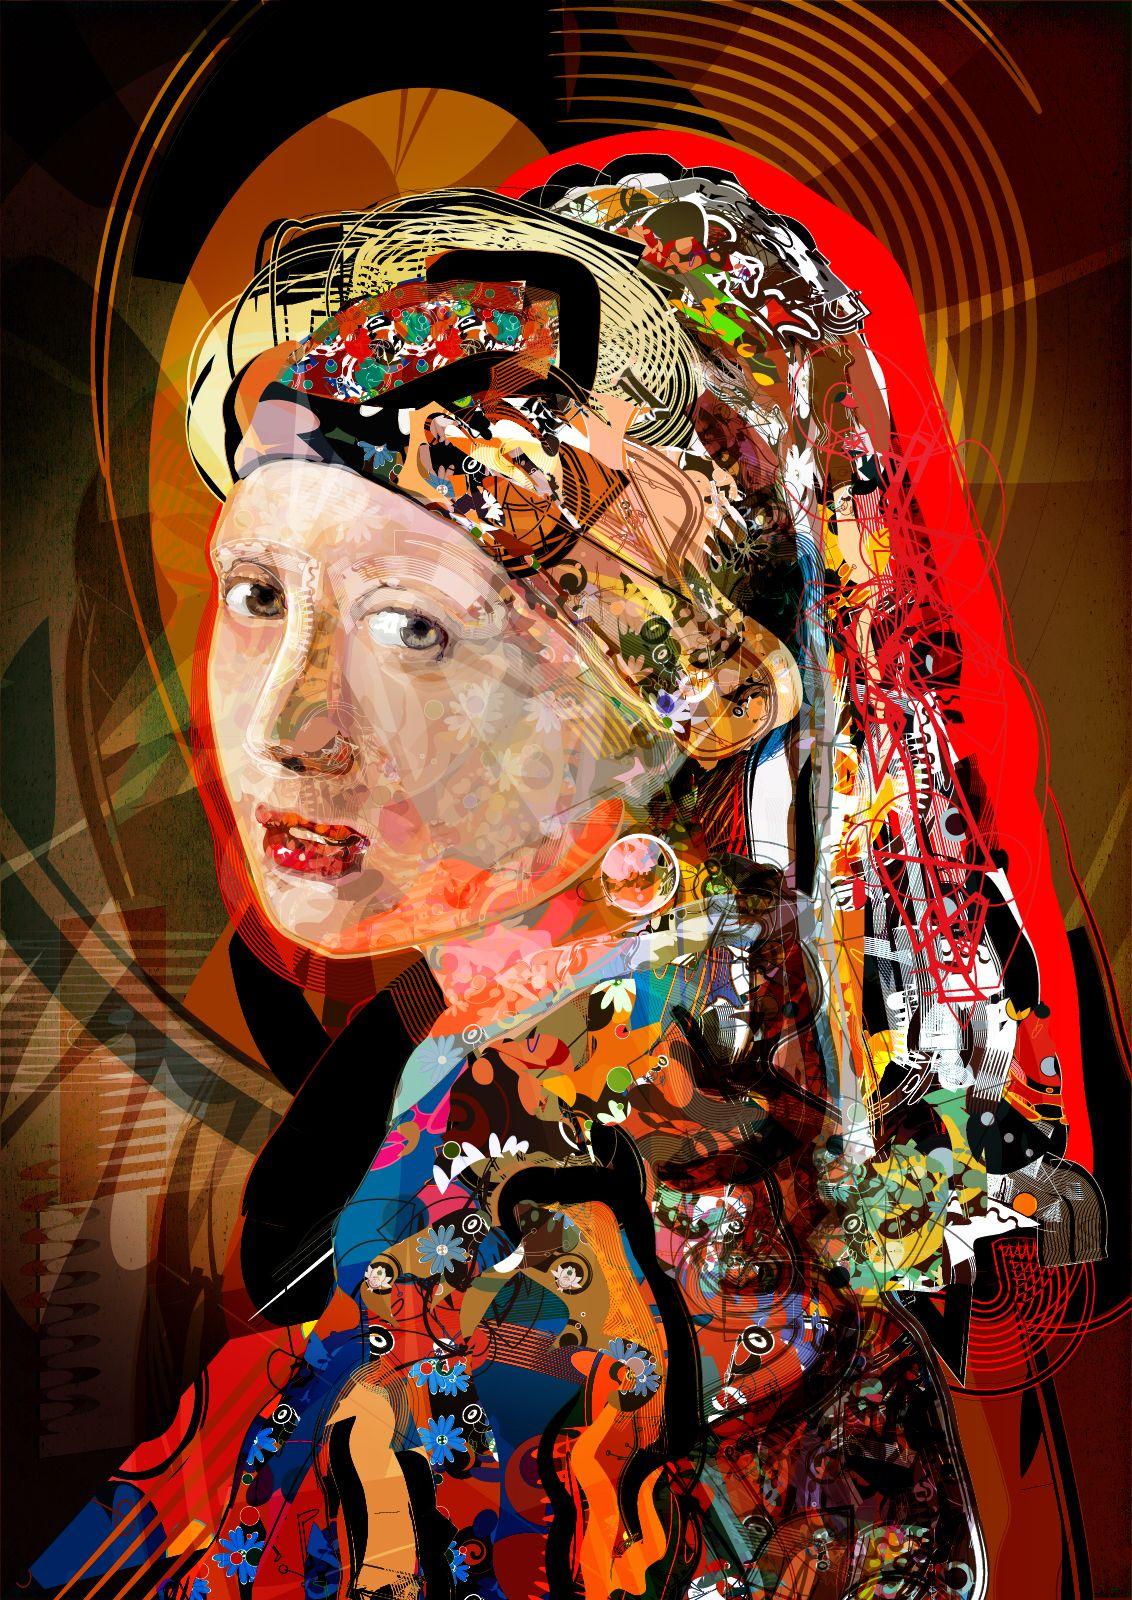 Moca Com Brinco De Perola 10 Poster Cartaz 120x90 Cm 47x35